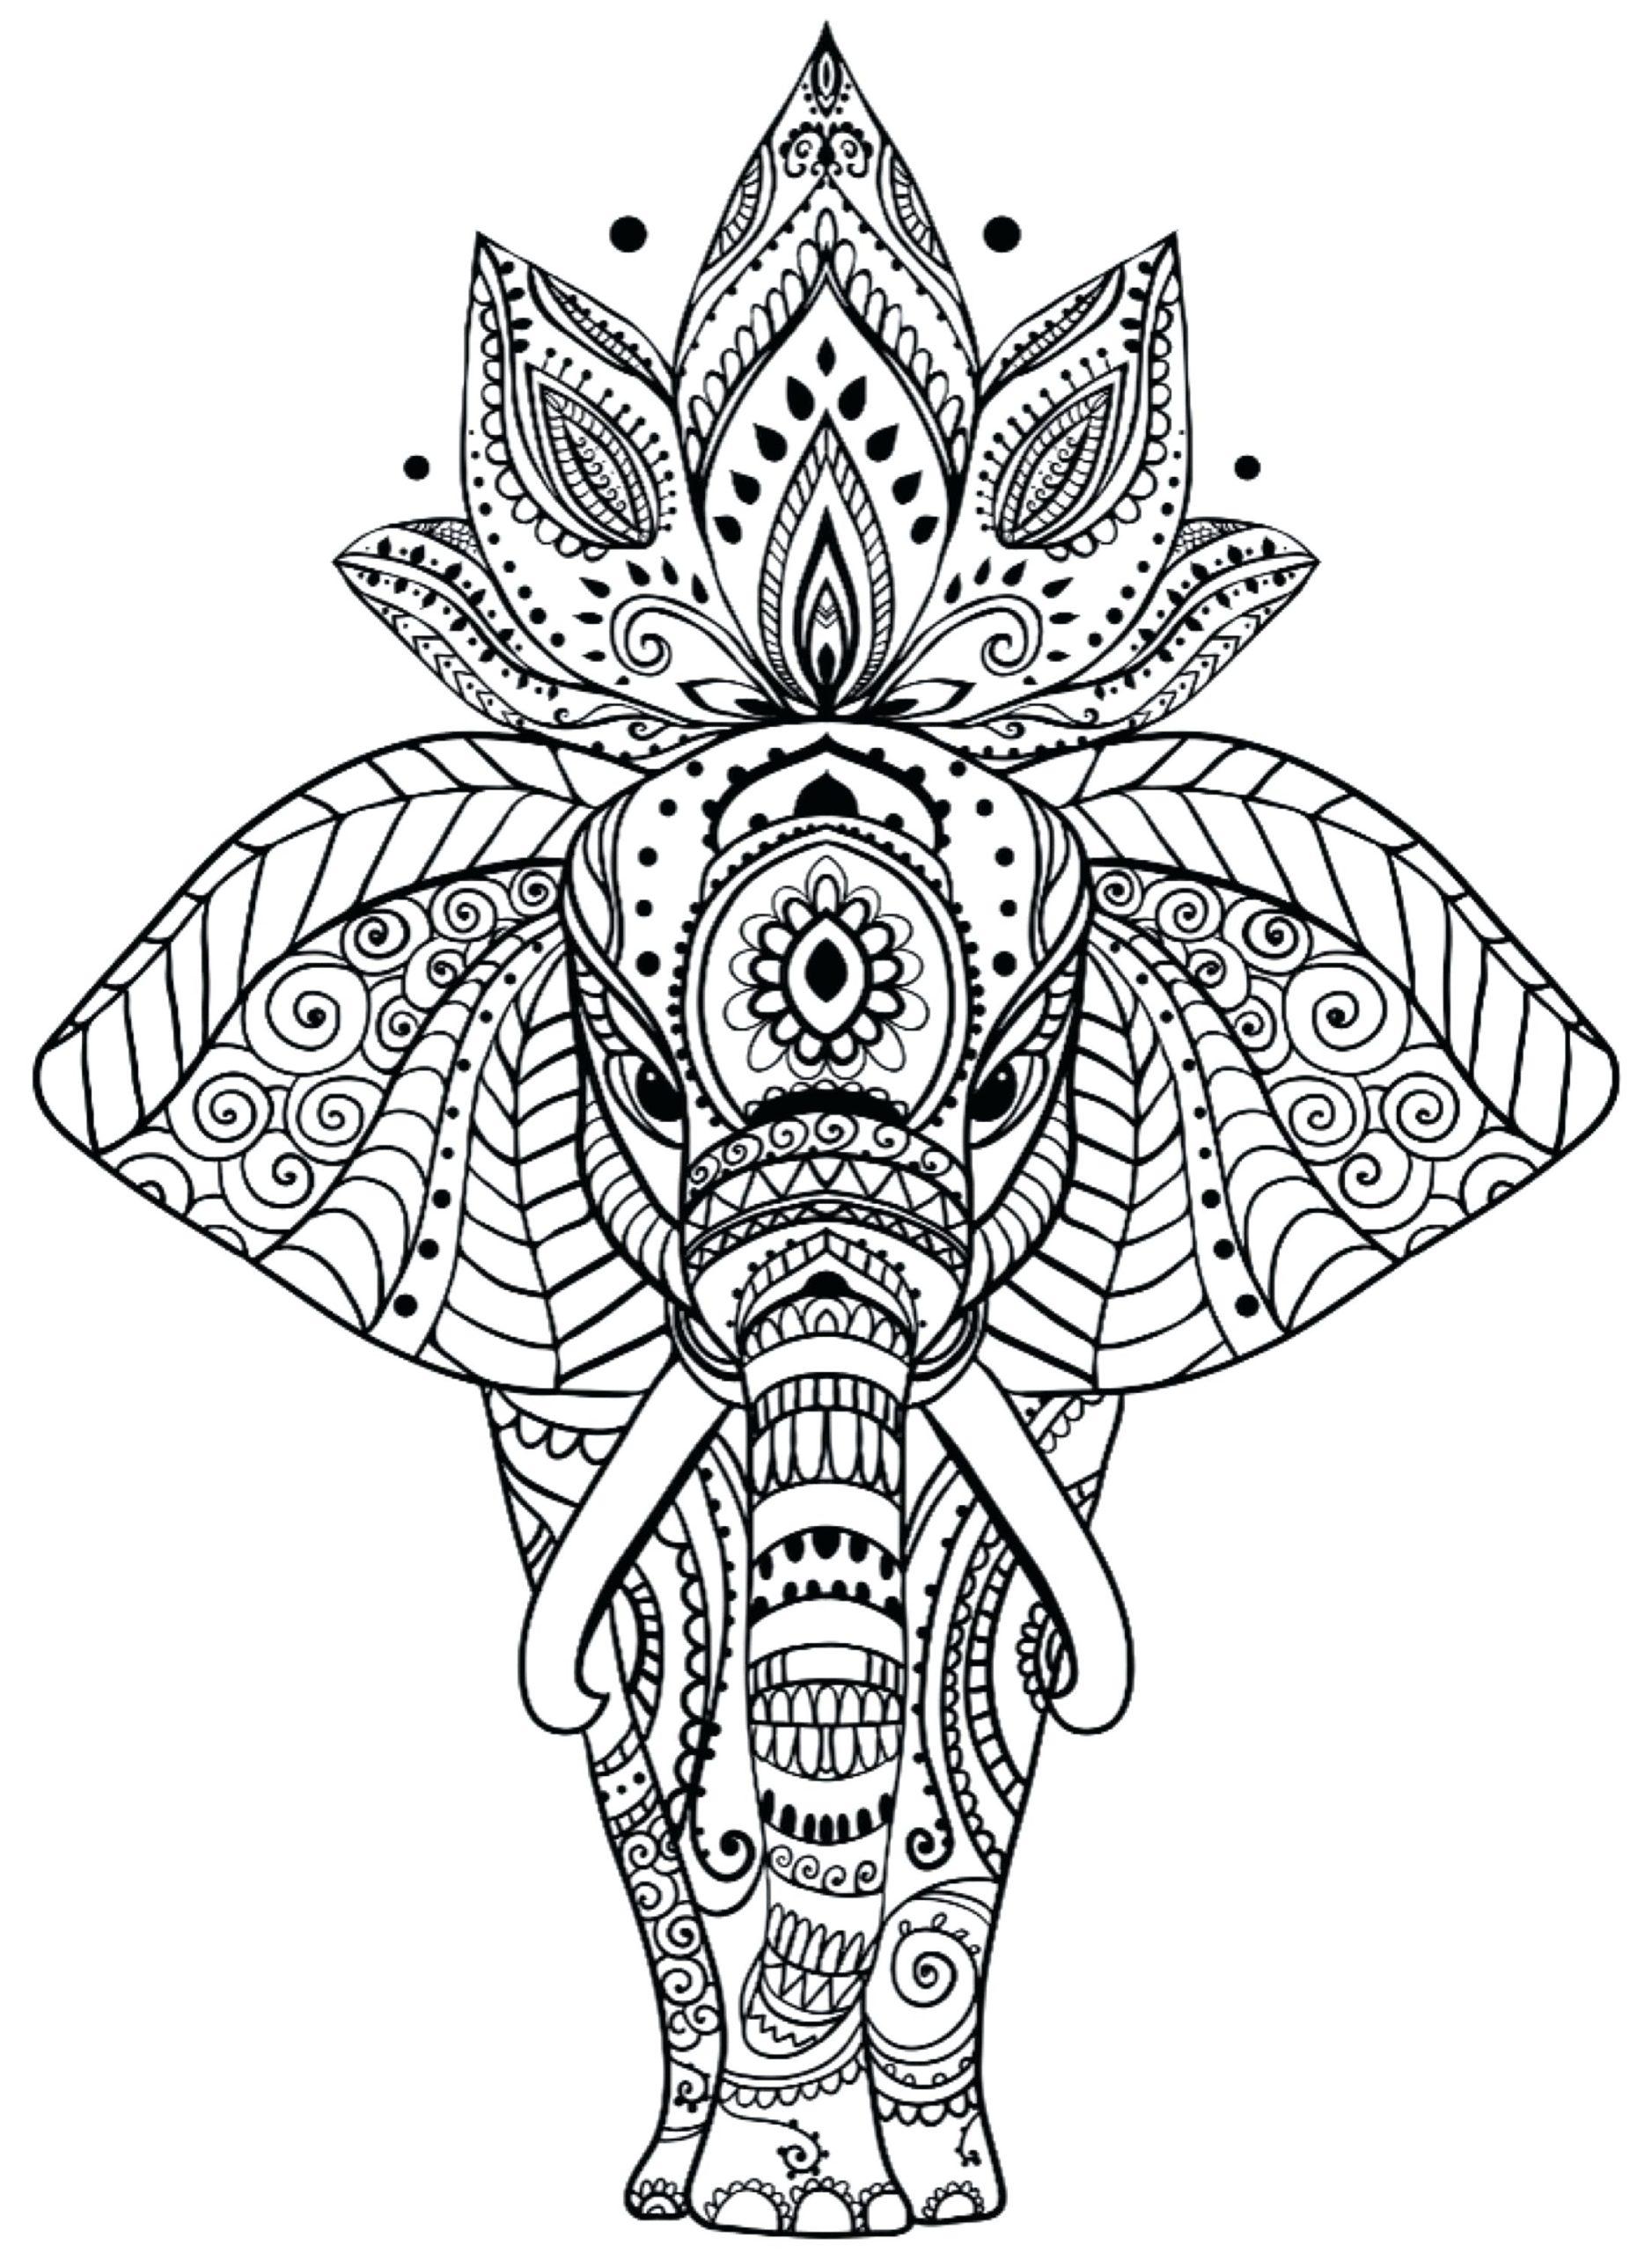 Tranh tô màu voi có nhiều họa tiết và hoa nở trên đầu